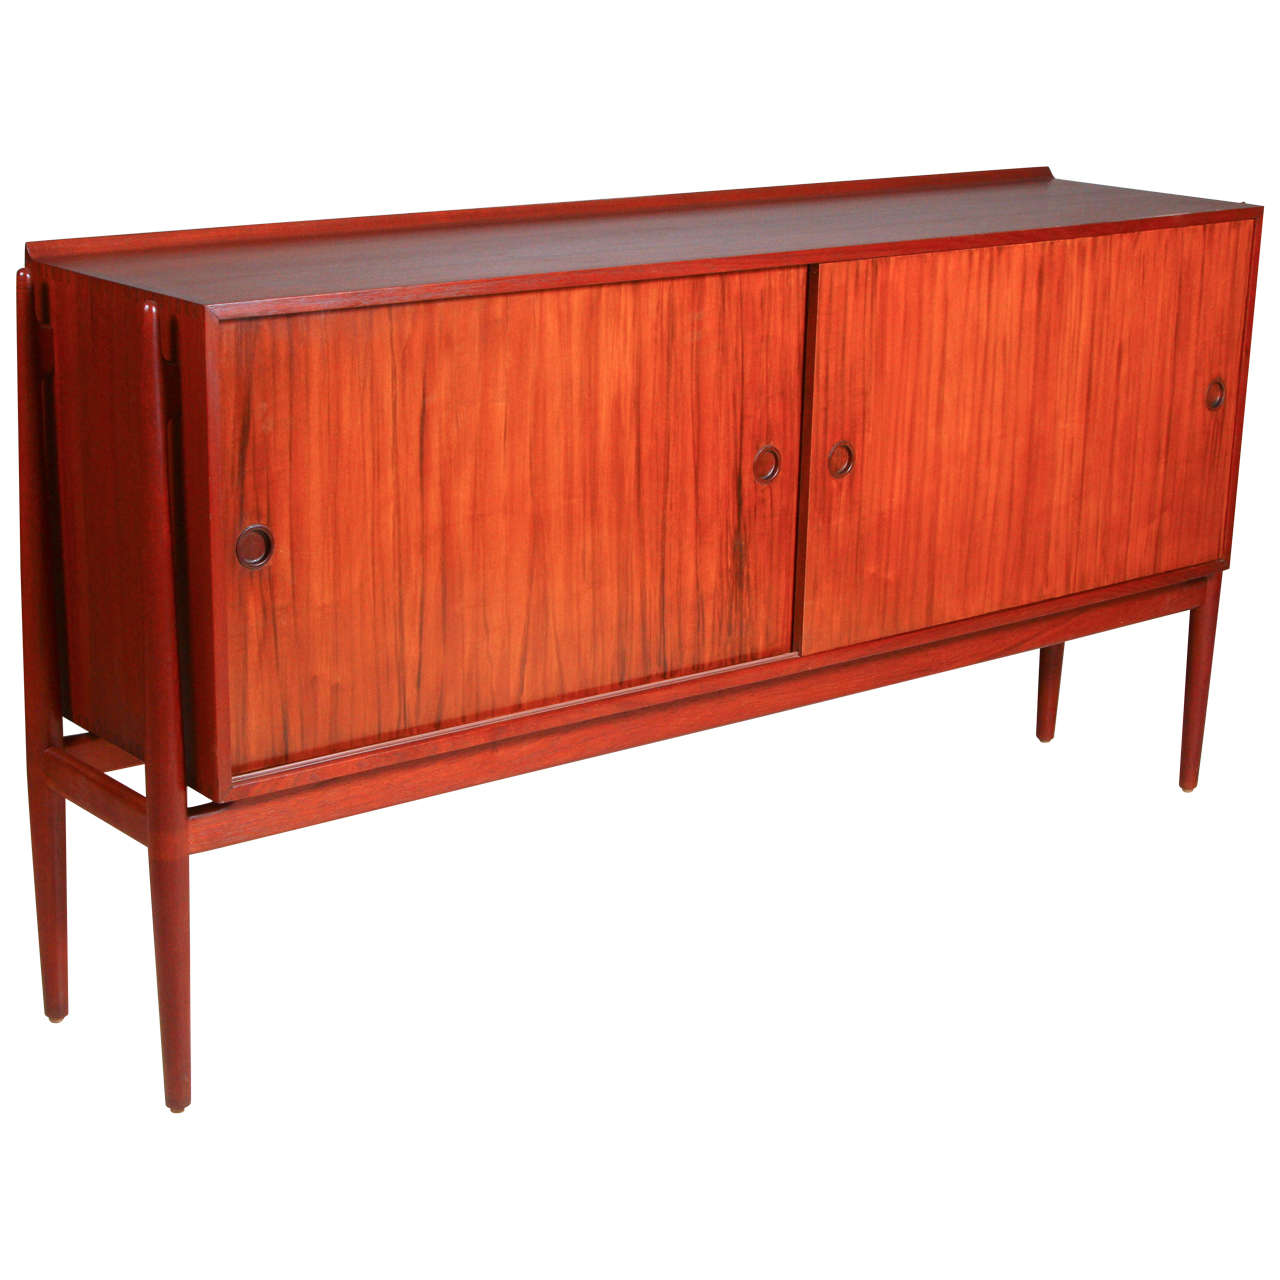 Finn Juhl Designed Teak Cabinet Made By Neils Vodder For Sale